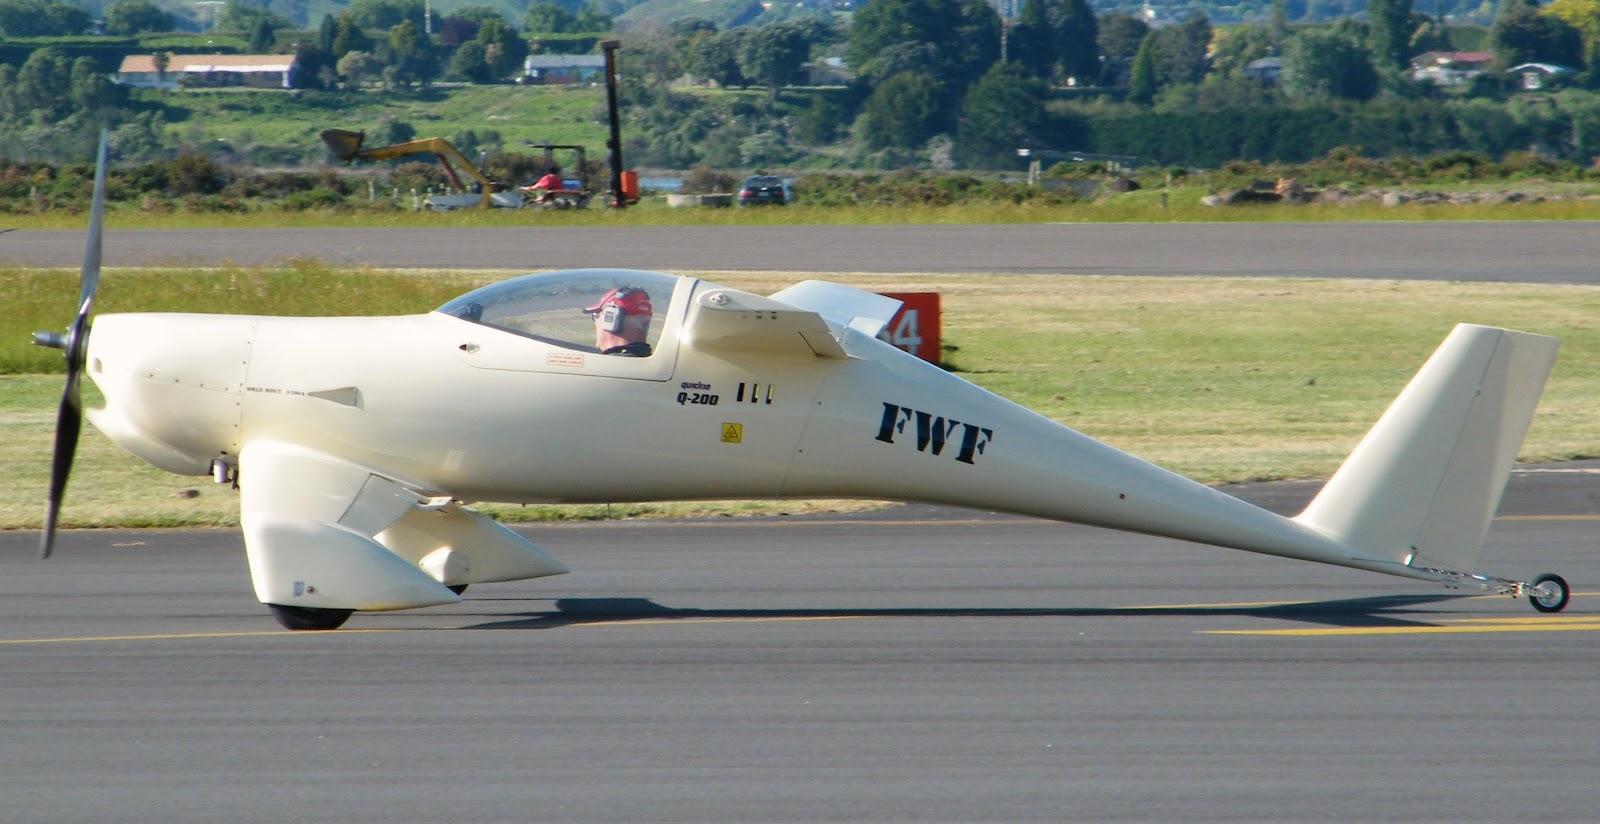 Разработка лёгкого воздушного судна quickie q2 началась в 1978 году, при этом